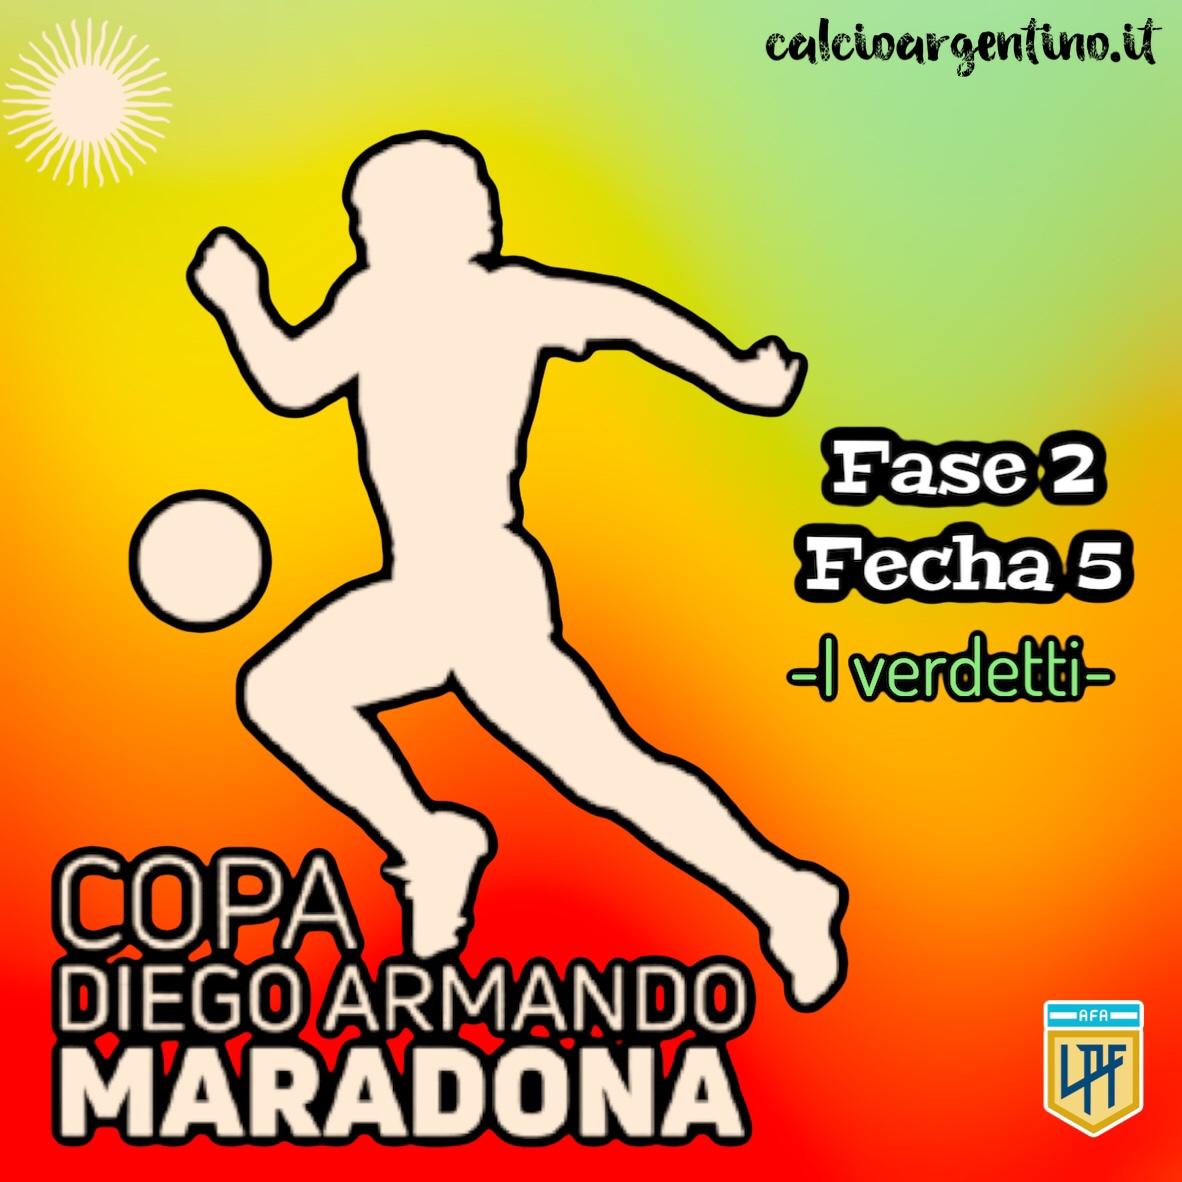 Fase 2, Fecha 5: i verdetti della Copa Maradona